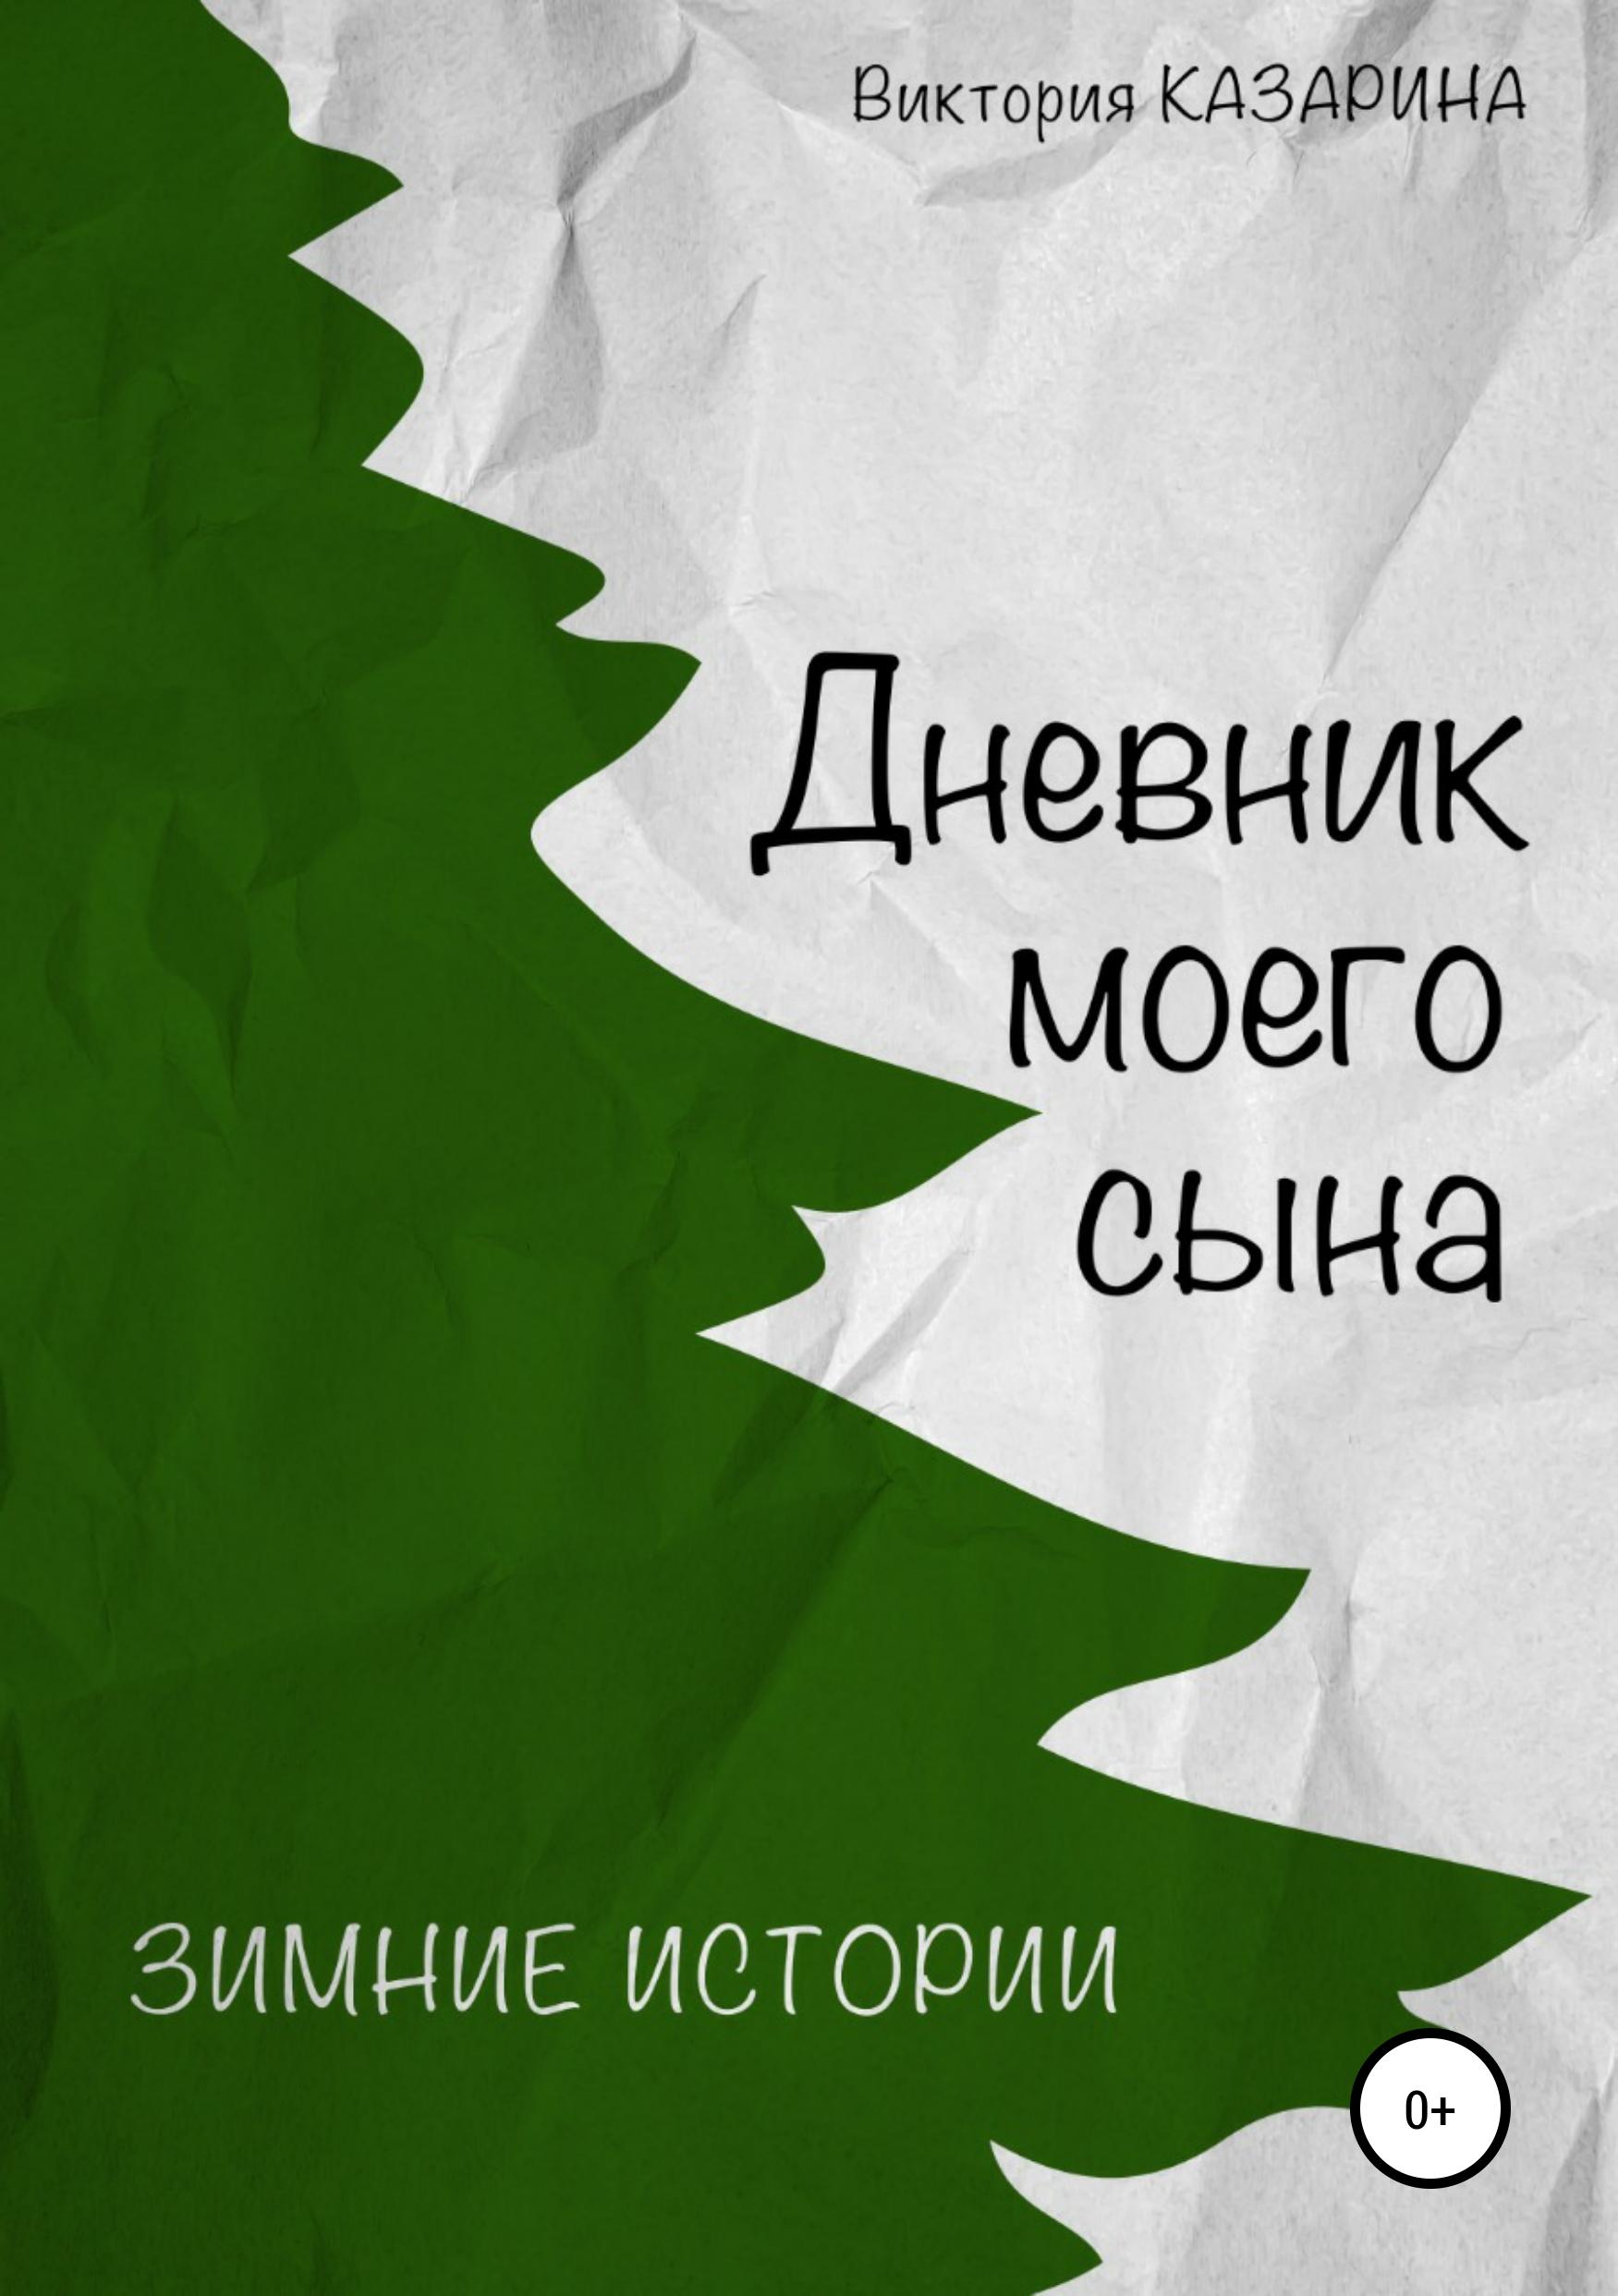 Виктория Казарина Дневник моего сына. Зимние истории анджей ласки зимние истории